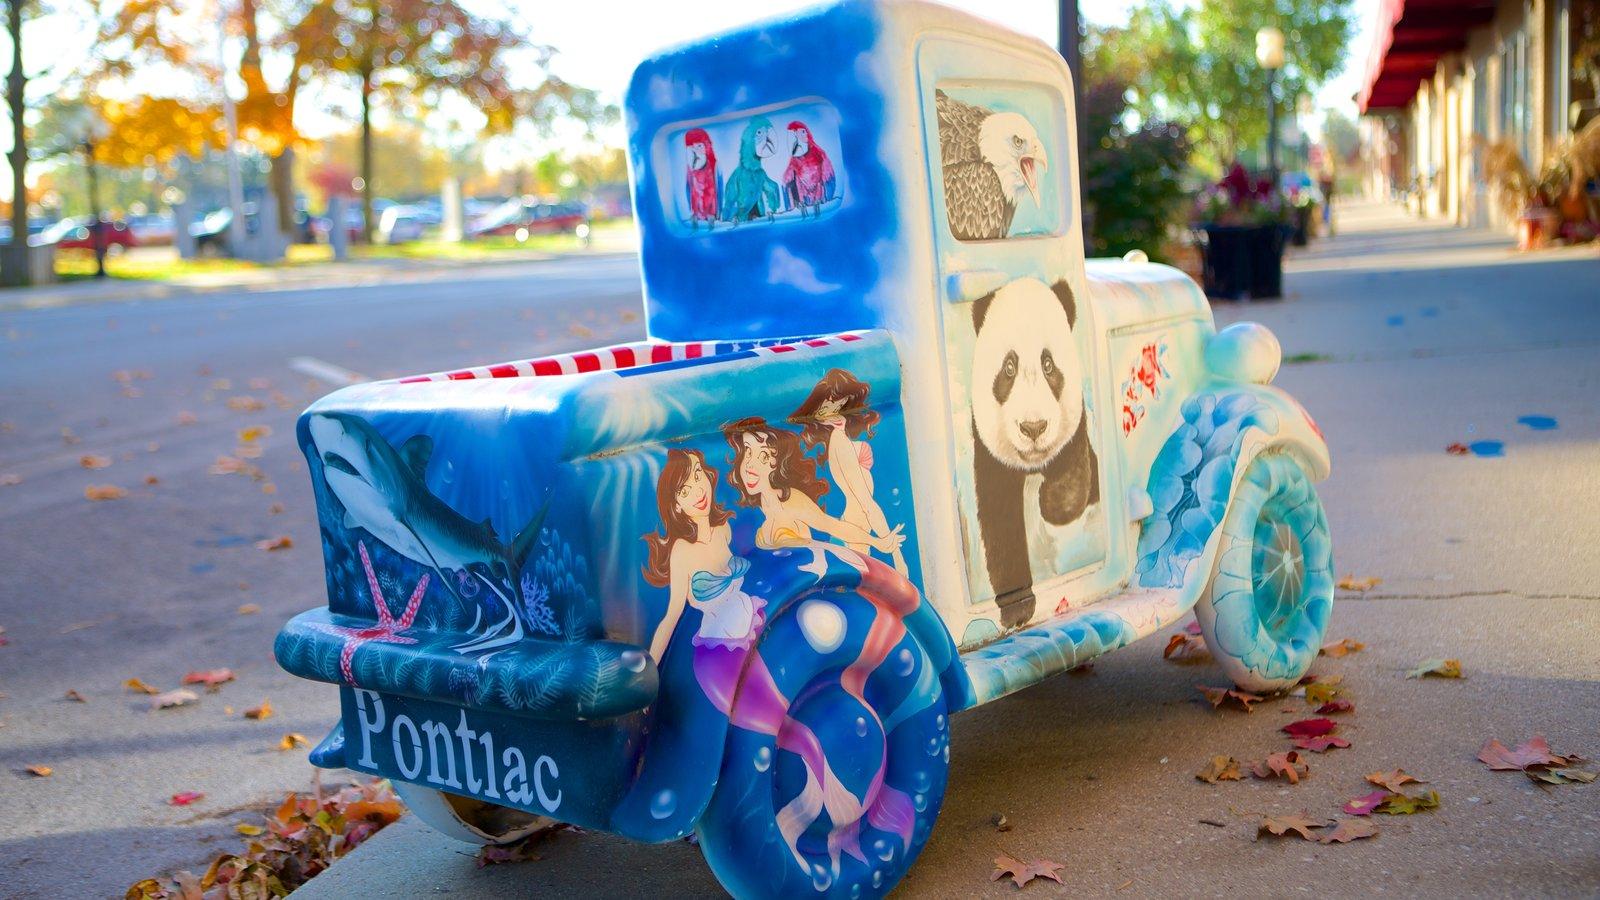 Pontiac caracterizando arte ao ar livre